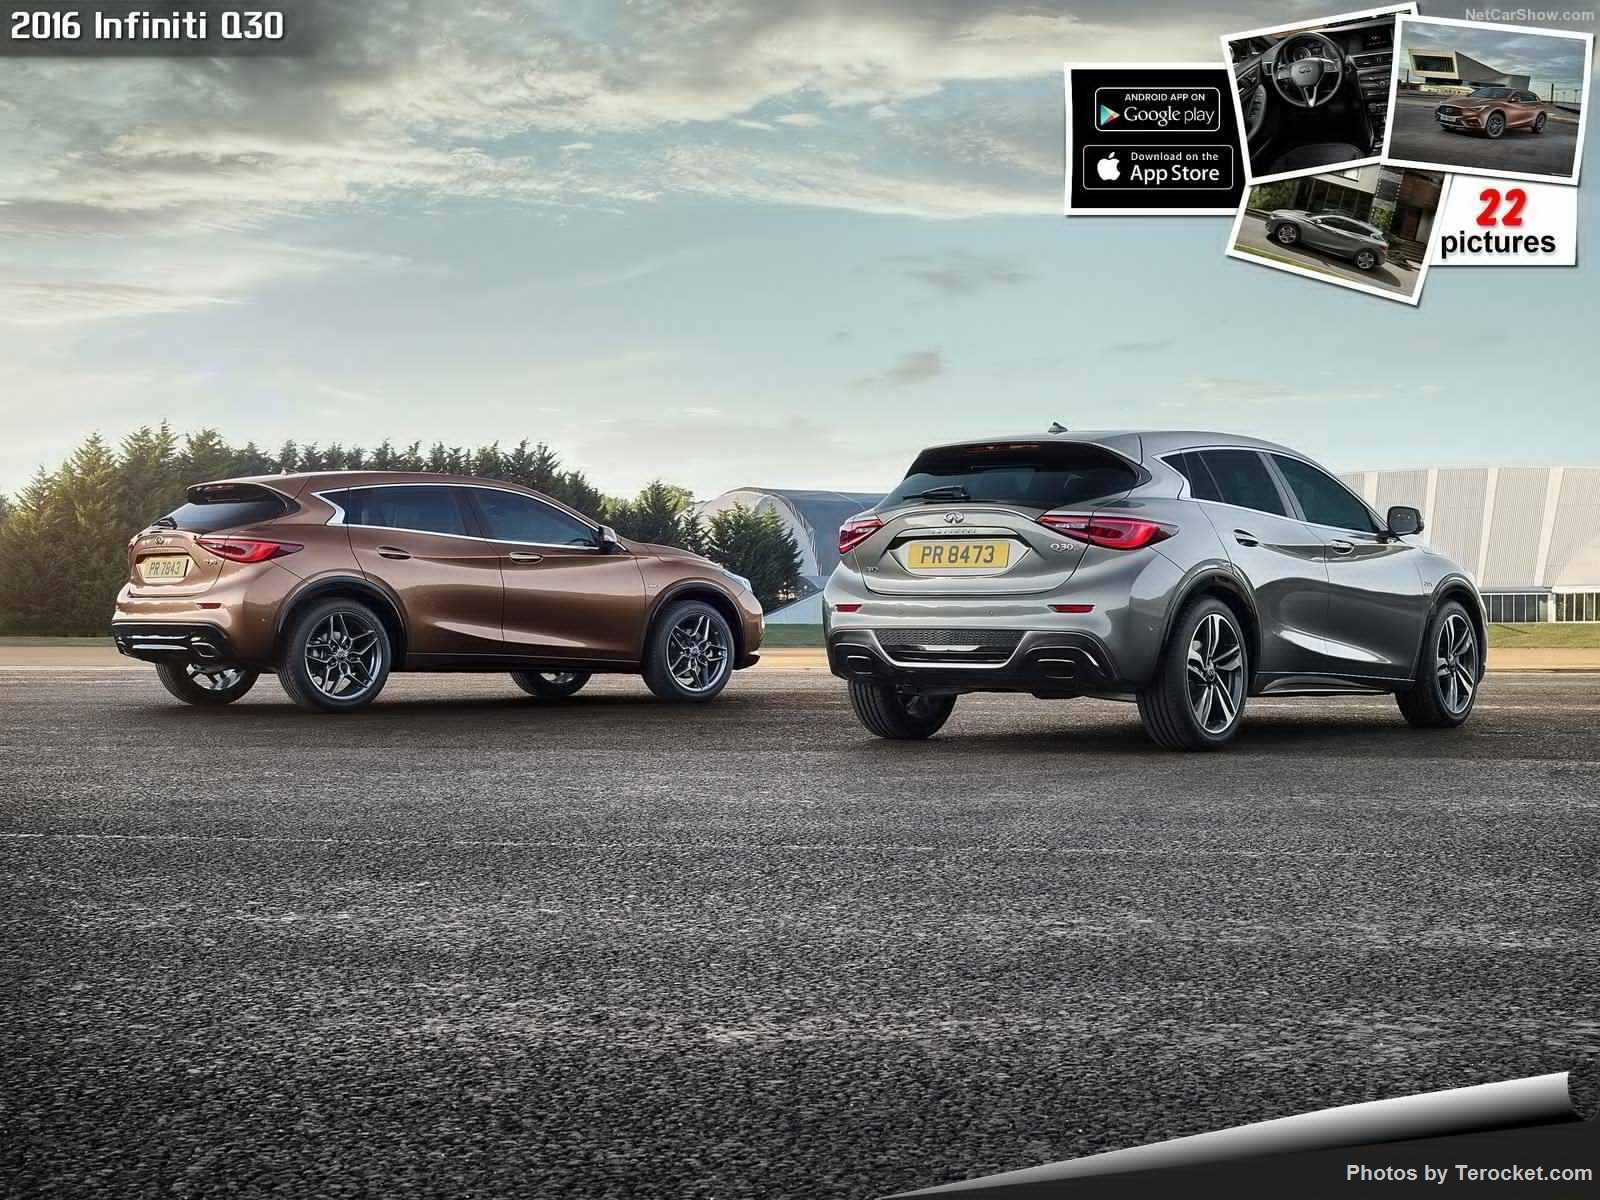 Hình ảnh xe ô tô Infiniti Q30 2016 & nội ngoại thất